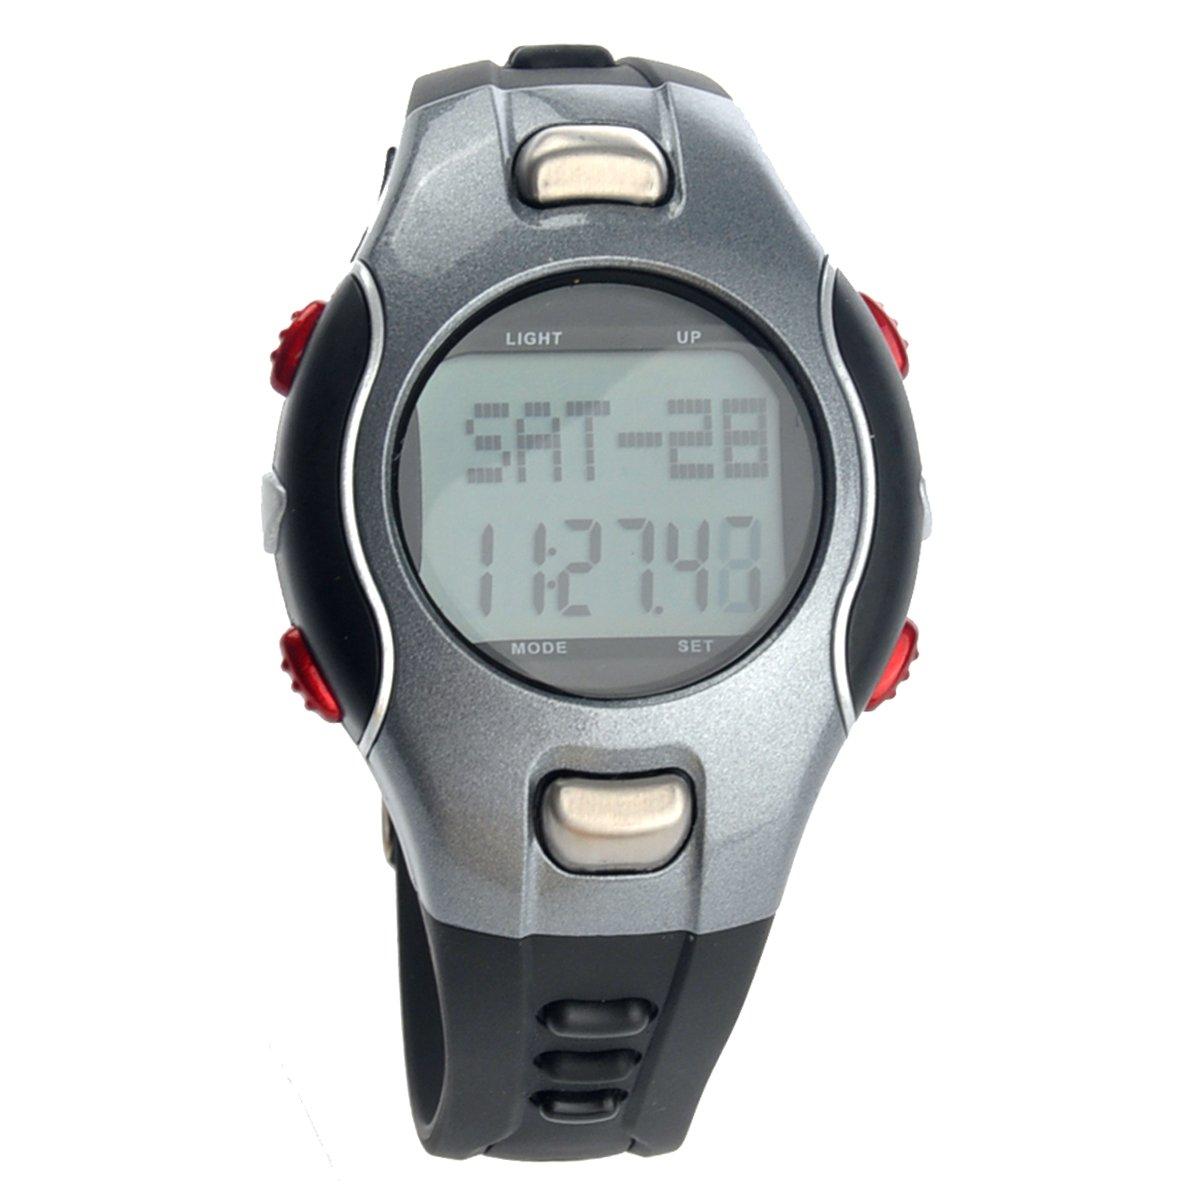 Pixnor 1002 All-in-One wasserdichte trägerlos-Herzfrequenz-Monitor LED Digital Uhr mit Schrittzähler Stoppuhr /Date /Alarm (grau + rot) günstig kaufen